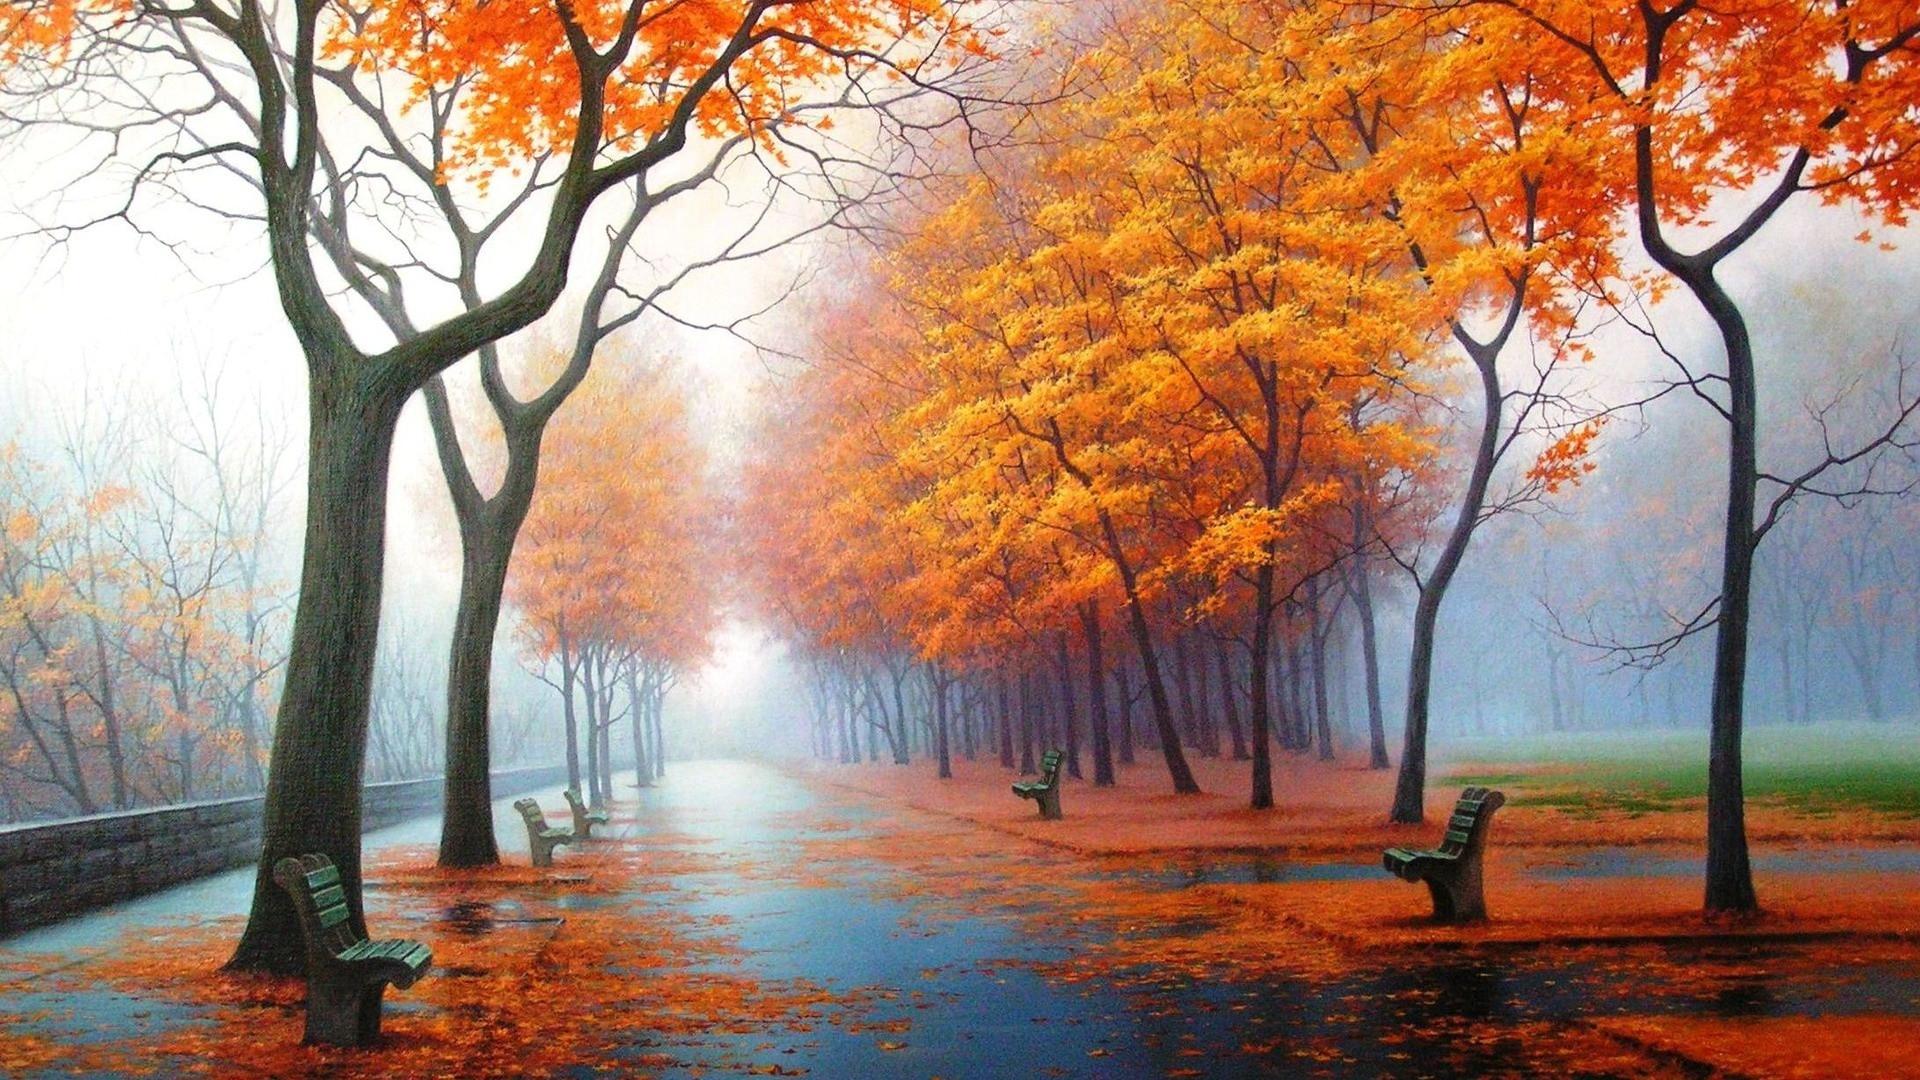 autumn desktop wallpapers backgrounds   SF Wallpaper 1920x1080